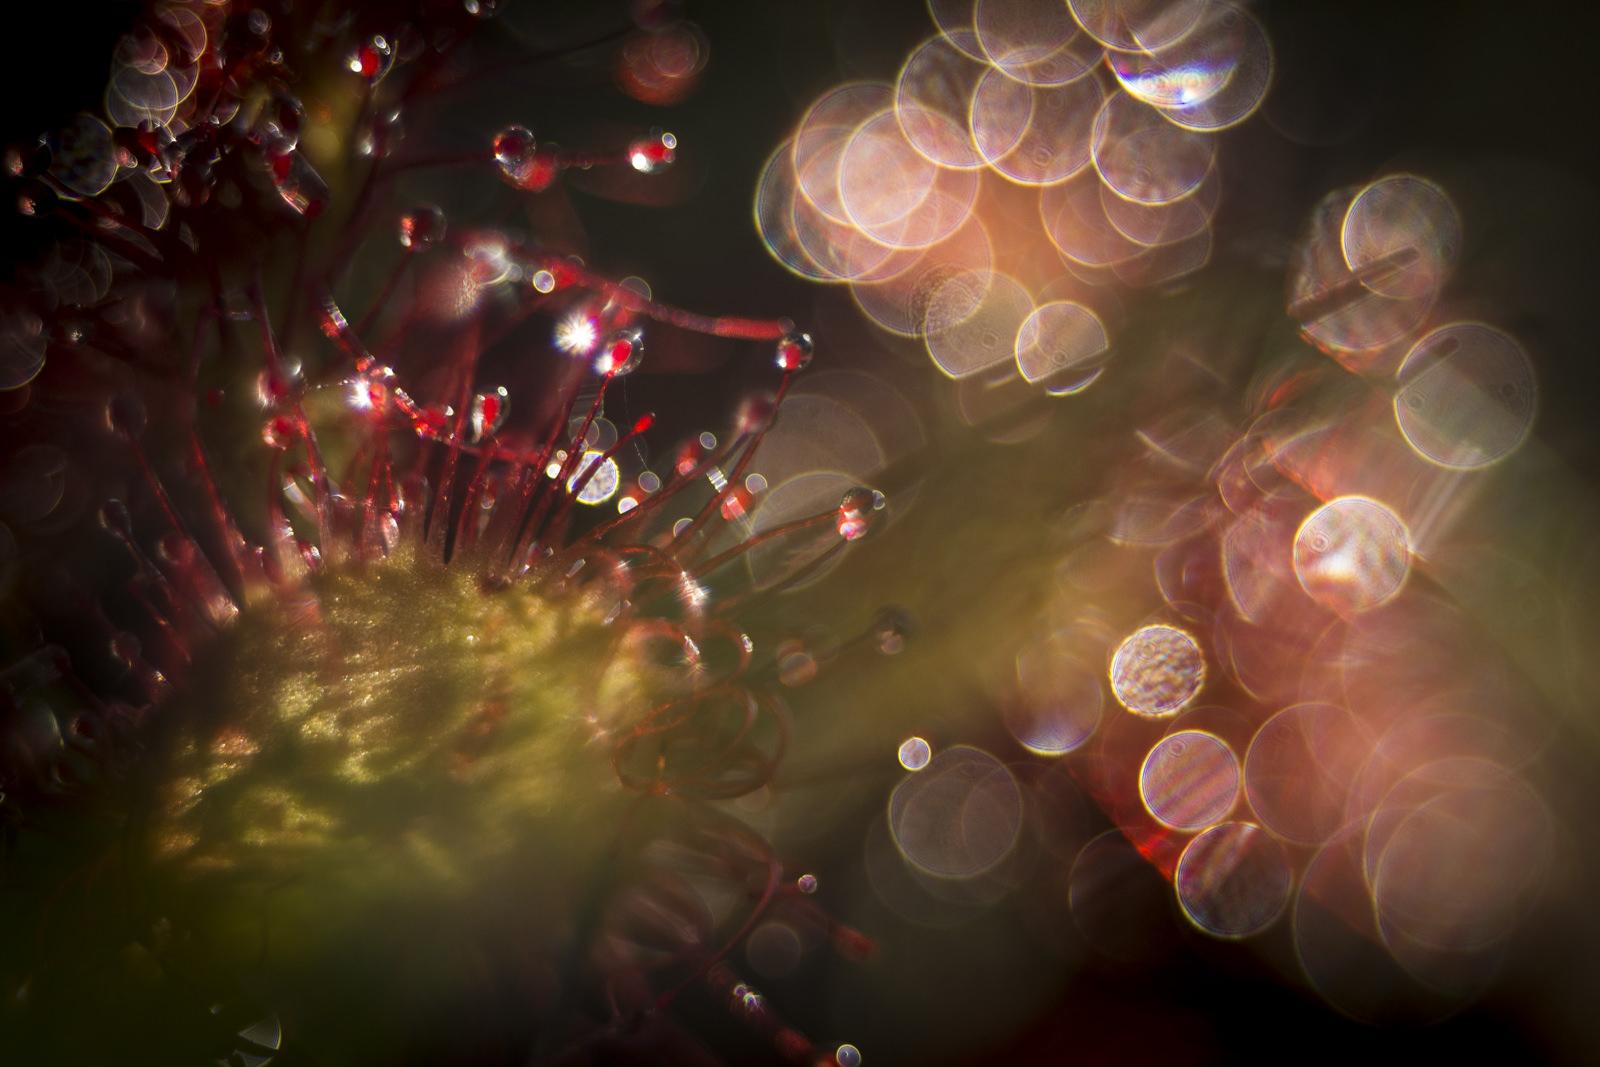 """Årets danske naturfoto 2017 (og førsteplads i kategorien """"Vækster). Fotograferet med et Olympus E-M5 MKI købt brugt for 2000kr. og et gammelt Meyer-Optik Görlitz Lydith 30 mm. objektiv. (Foto: Carsten Krog Pedersen)."""